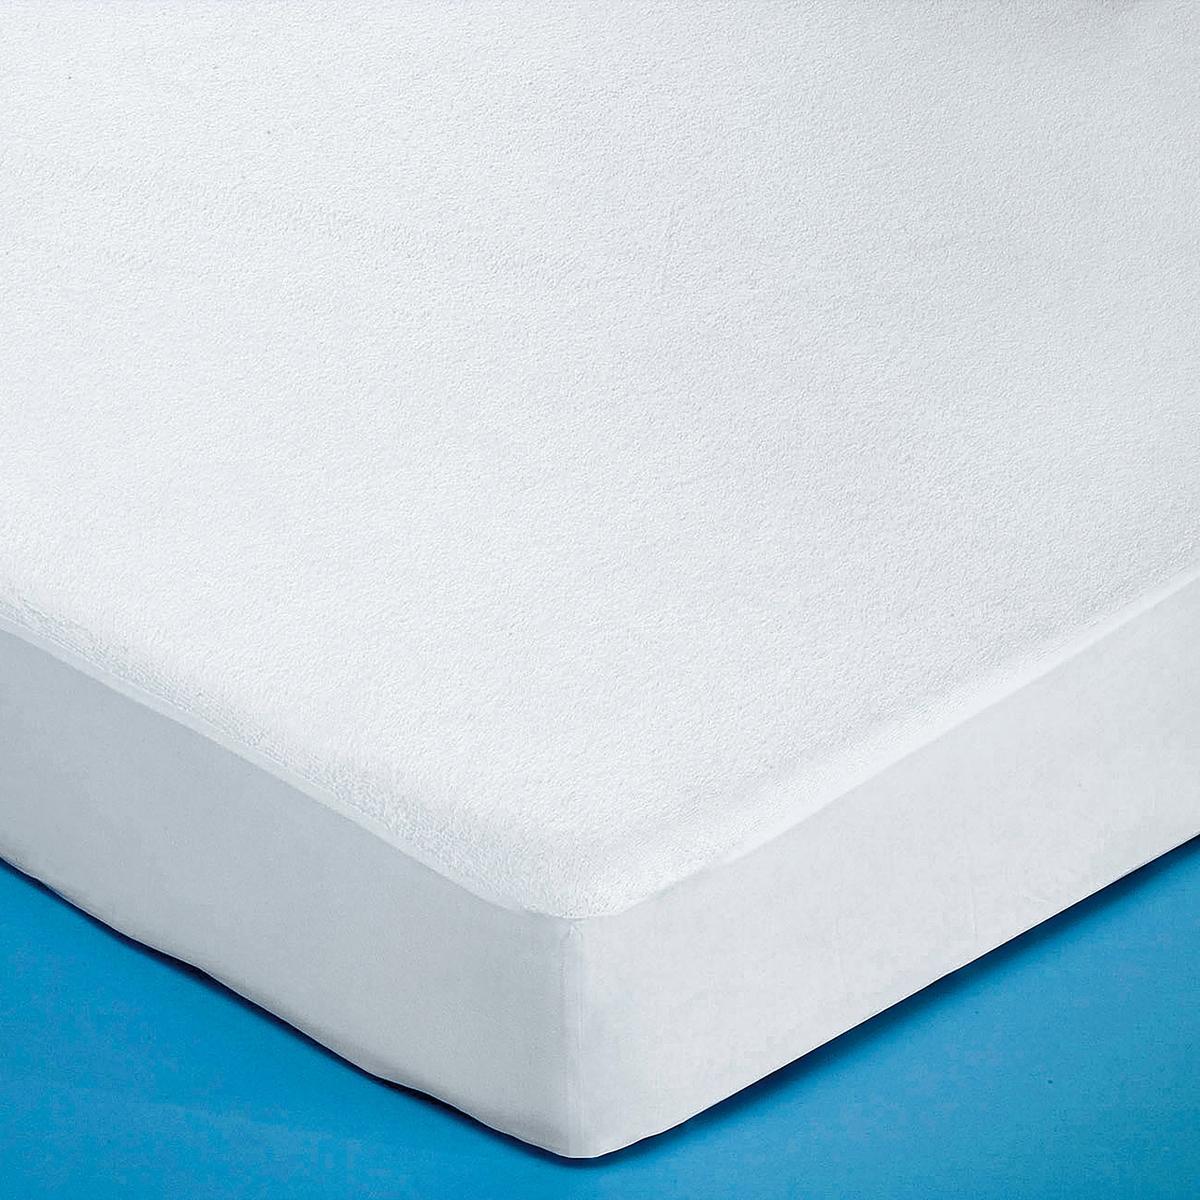 Чехол защитный для матраса из махровой ткани с завитым ворсом на полиуретанеУдобство махровой ткани и полная непромокаемость !Очень удобный защитный чехол из махровой ткани букле, 80% хлопка, 20% полиэстера, с оборотной стороны покрыт пленкой из полиуретана для полной защиты : Дышащий чехол с микропористой структурой, отводящей влагу от тела при сохранении непромокаемых свойств.Клапаны из джерси из эластичного полиэстера, выс.. 26 см.Доступен размер для детской кроватки.Машинная стирка при 60 °С. Изделие с биоцидной обработкой.<br><br>Цвет: белый<br>Размер: 180 x 200 см